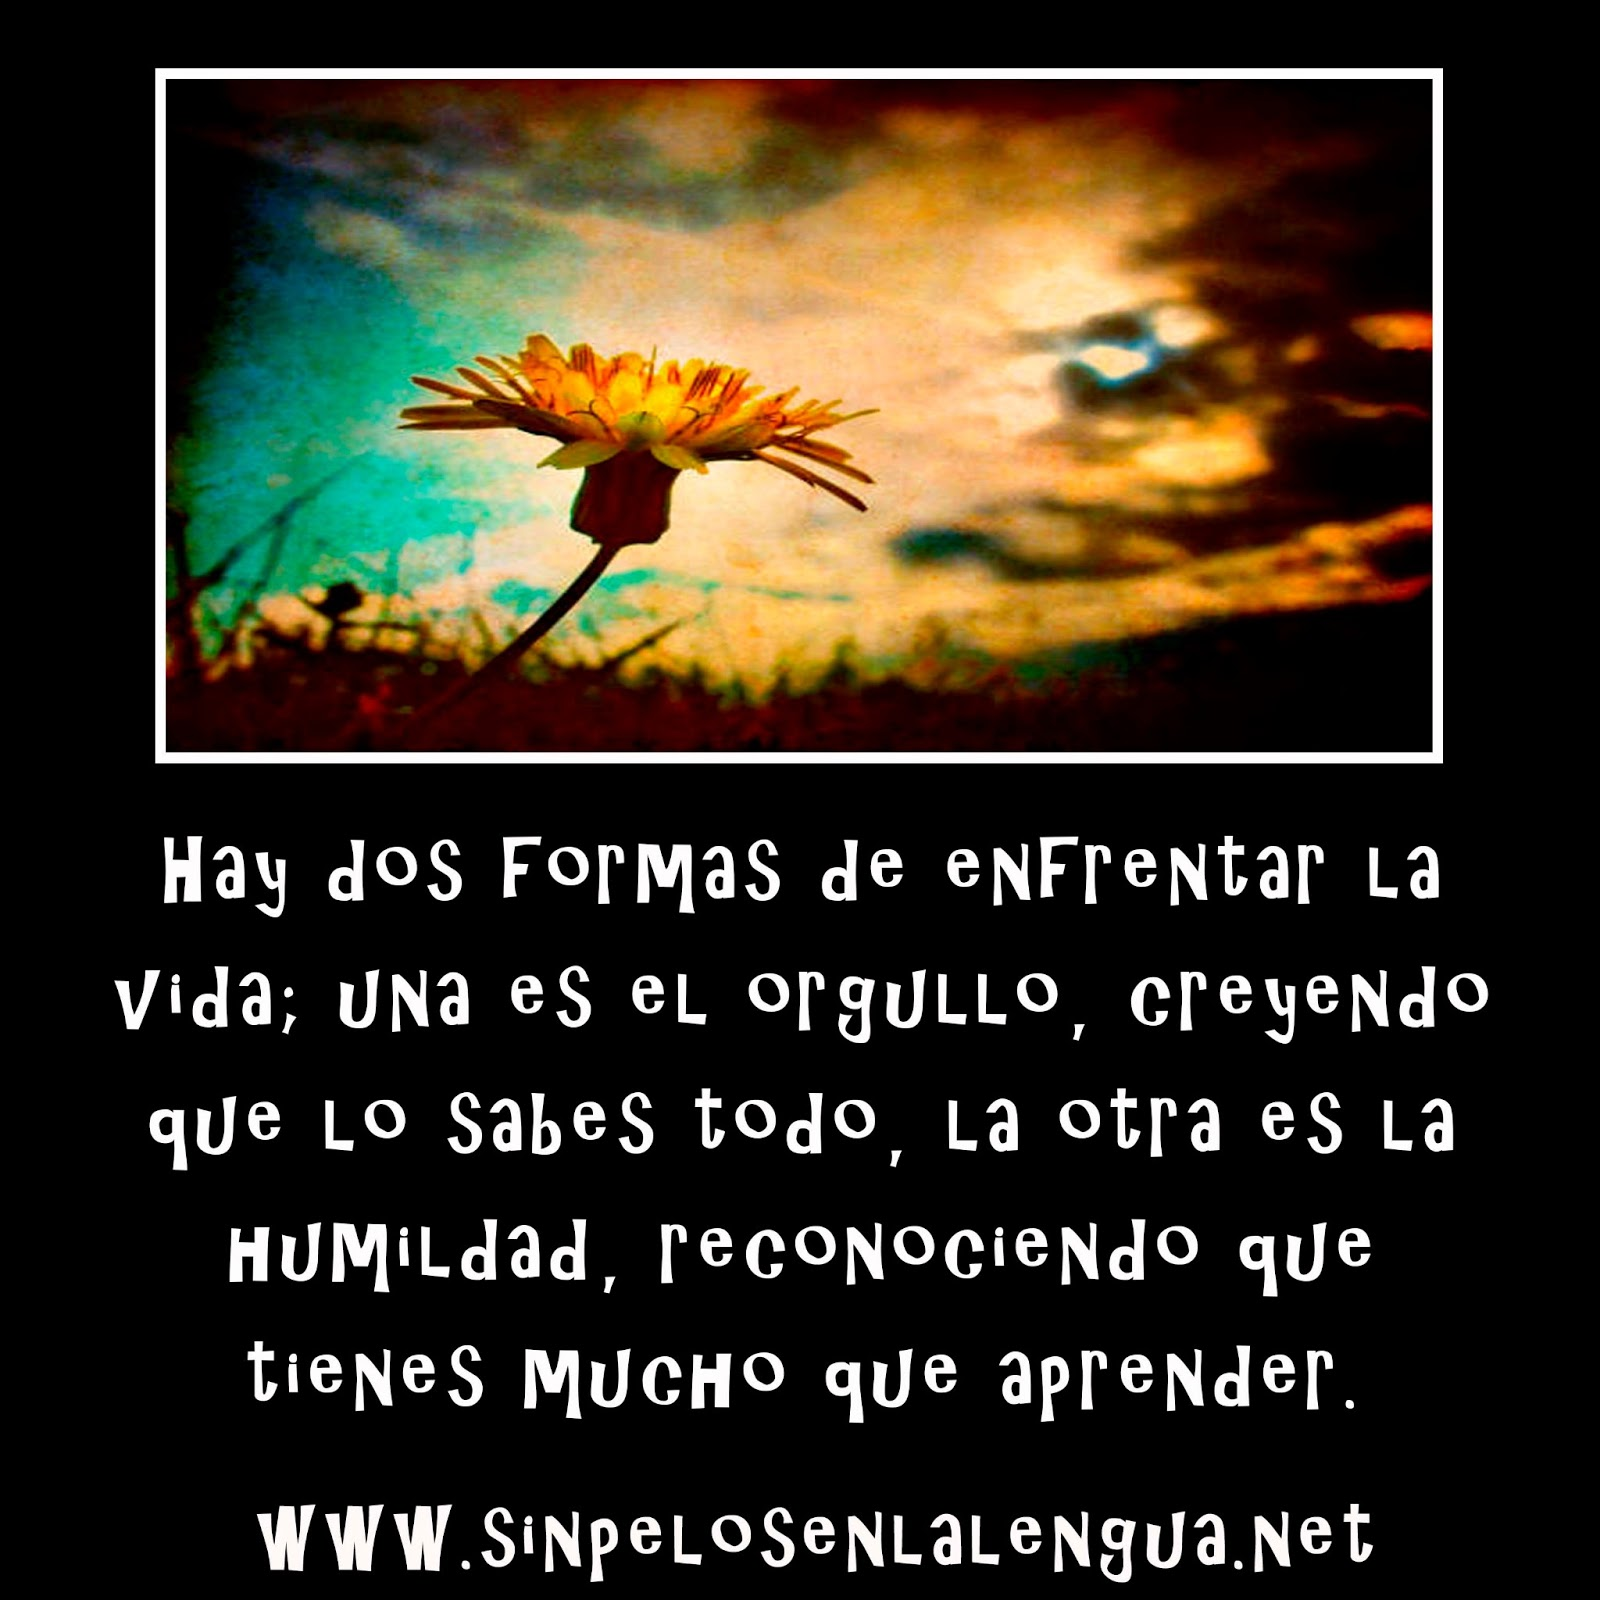 Frases Bonitas En Portugues Traducidas Al Espaãol Gong Shim P